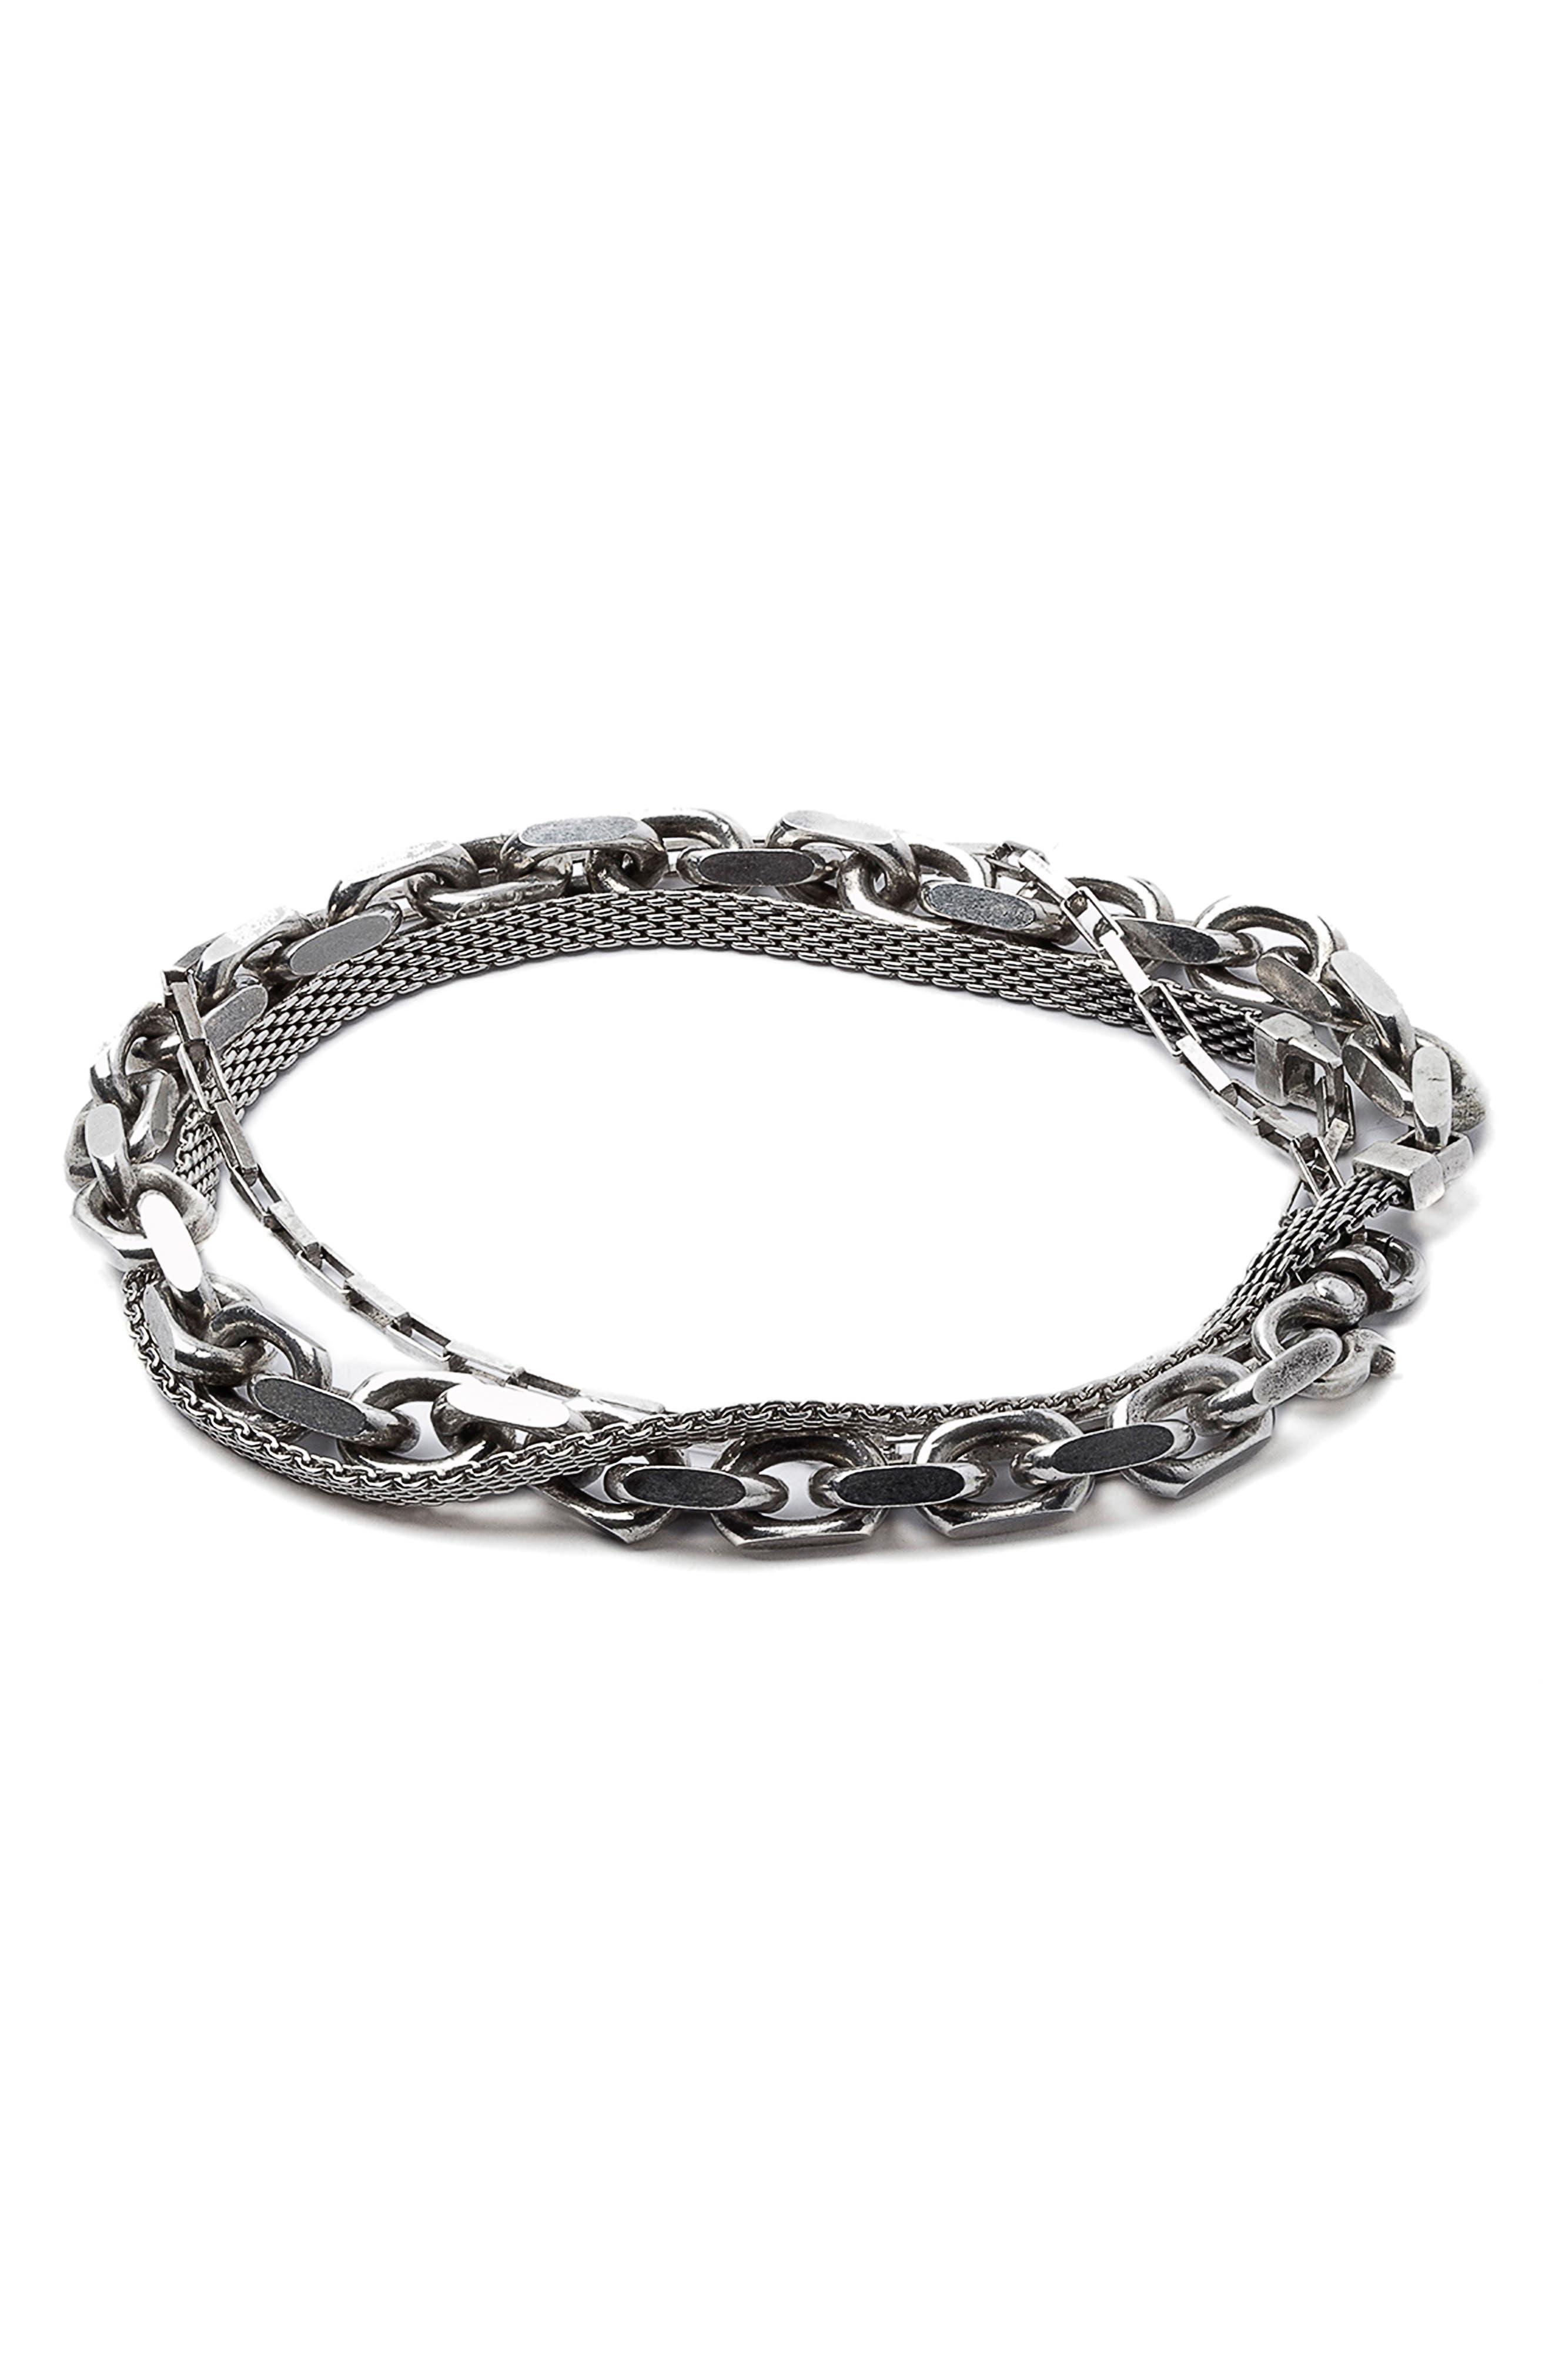 Triple Wrap Bracelet,                         Main,                         color, SILVER